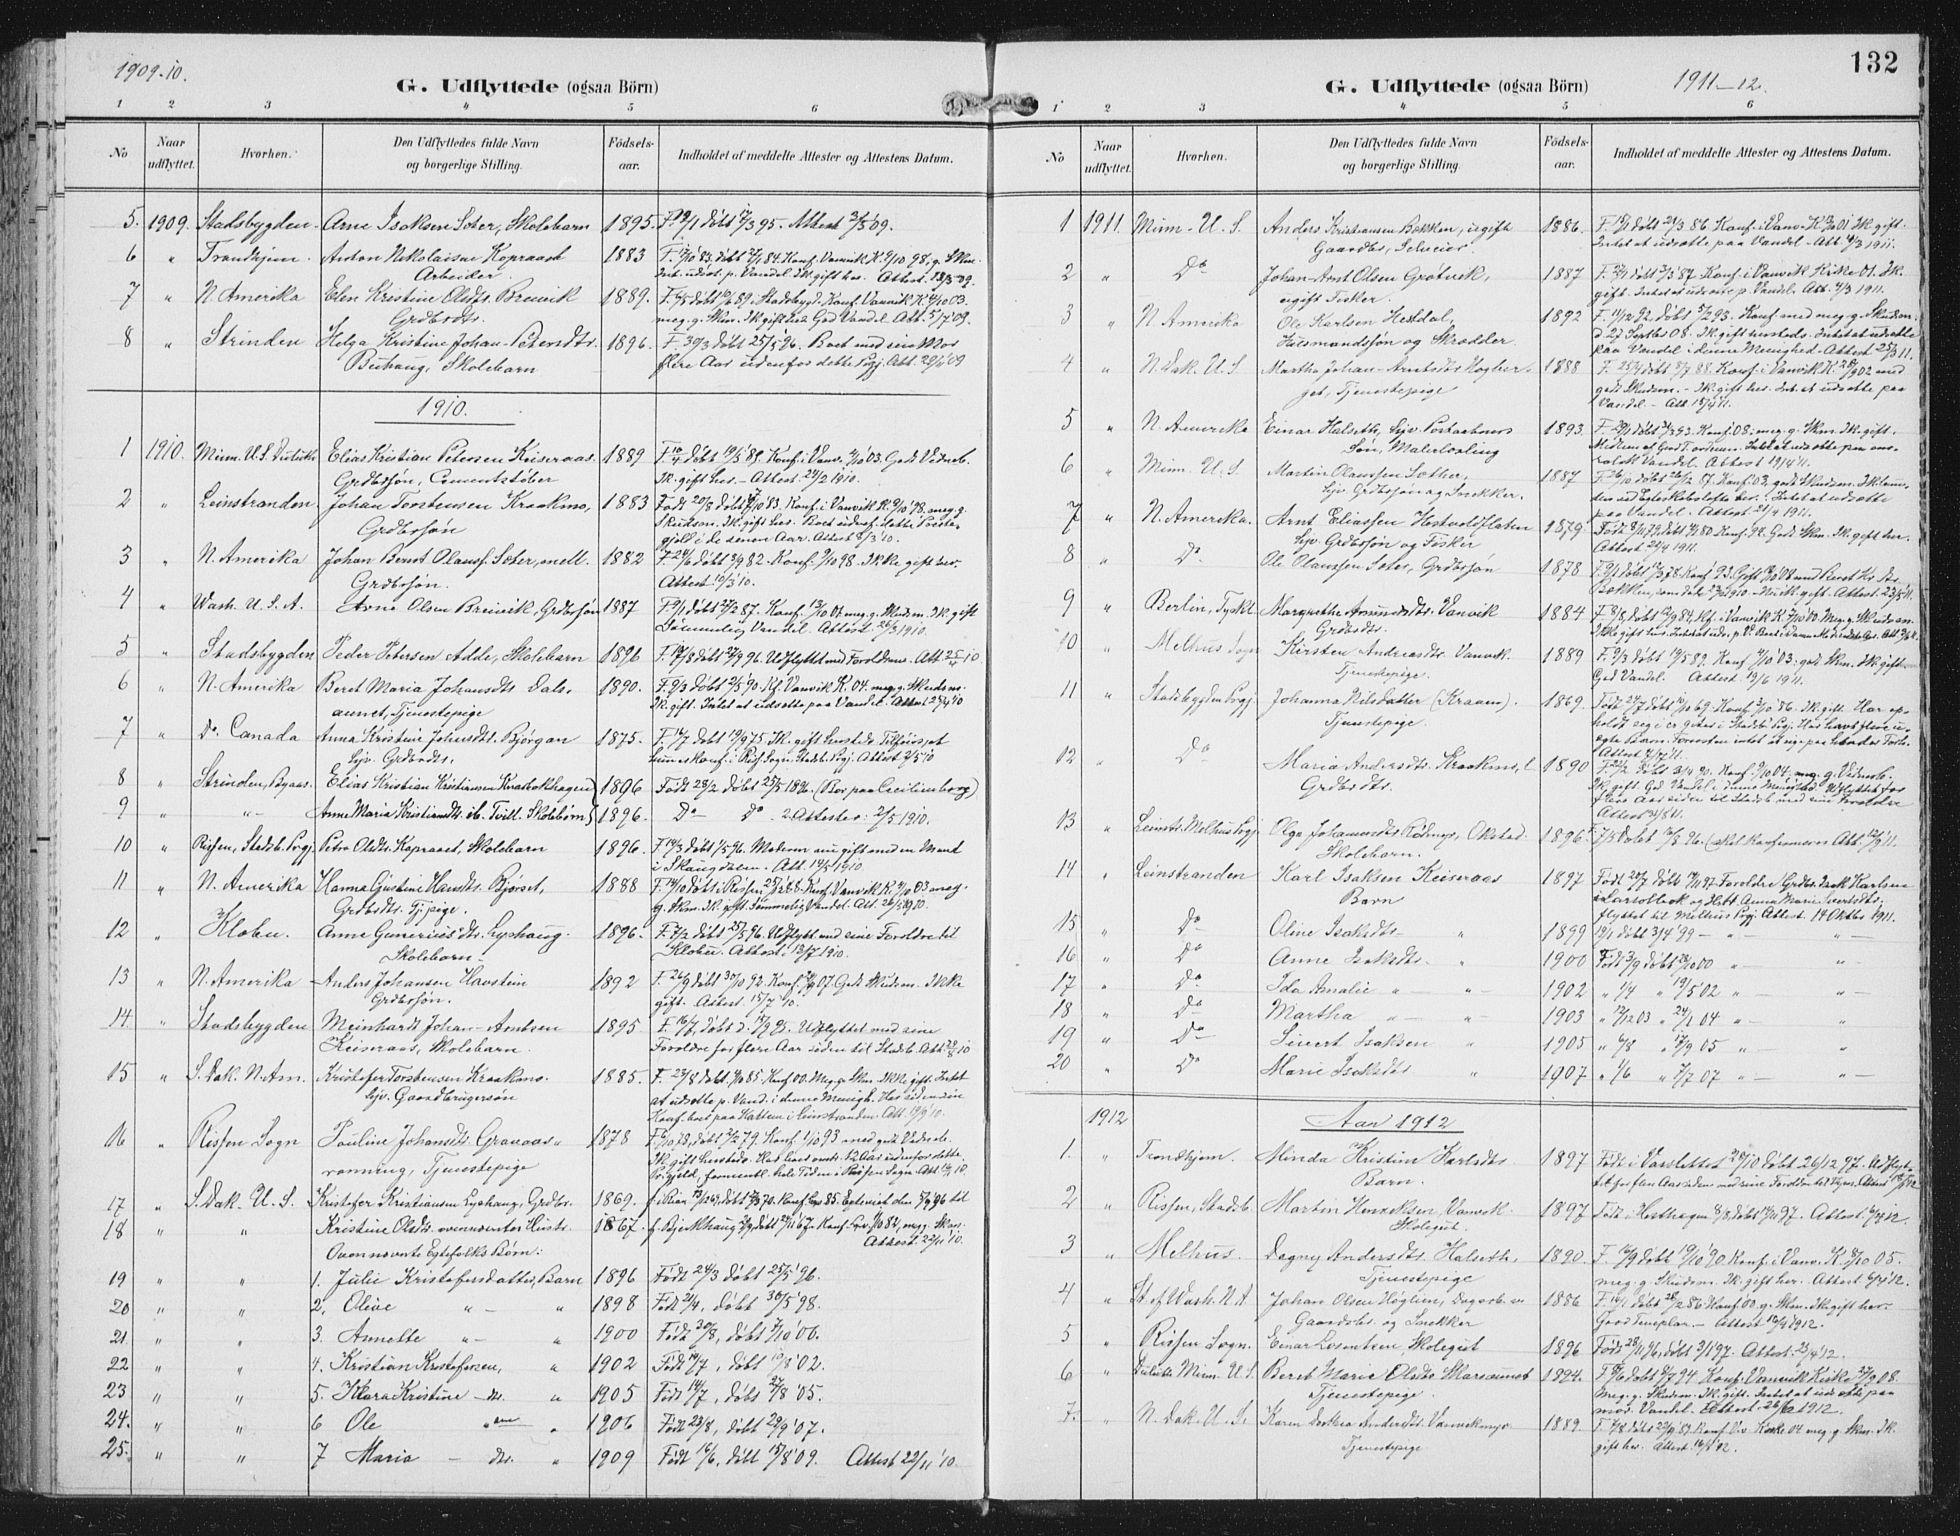 SAT, Ministerialprotokoller, klokkerbøker og fødselsregistre - Nord-Trøndelag, 702/L0024: Ministerialbok nr. 702A02, 1898-1914, s. 132